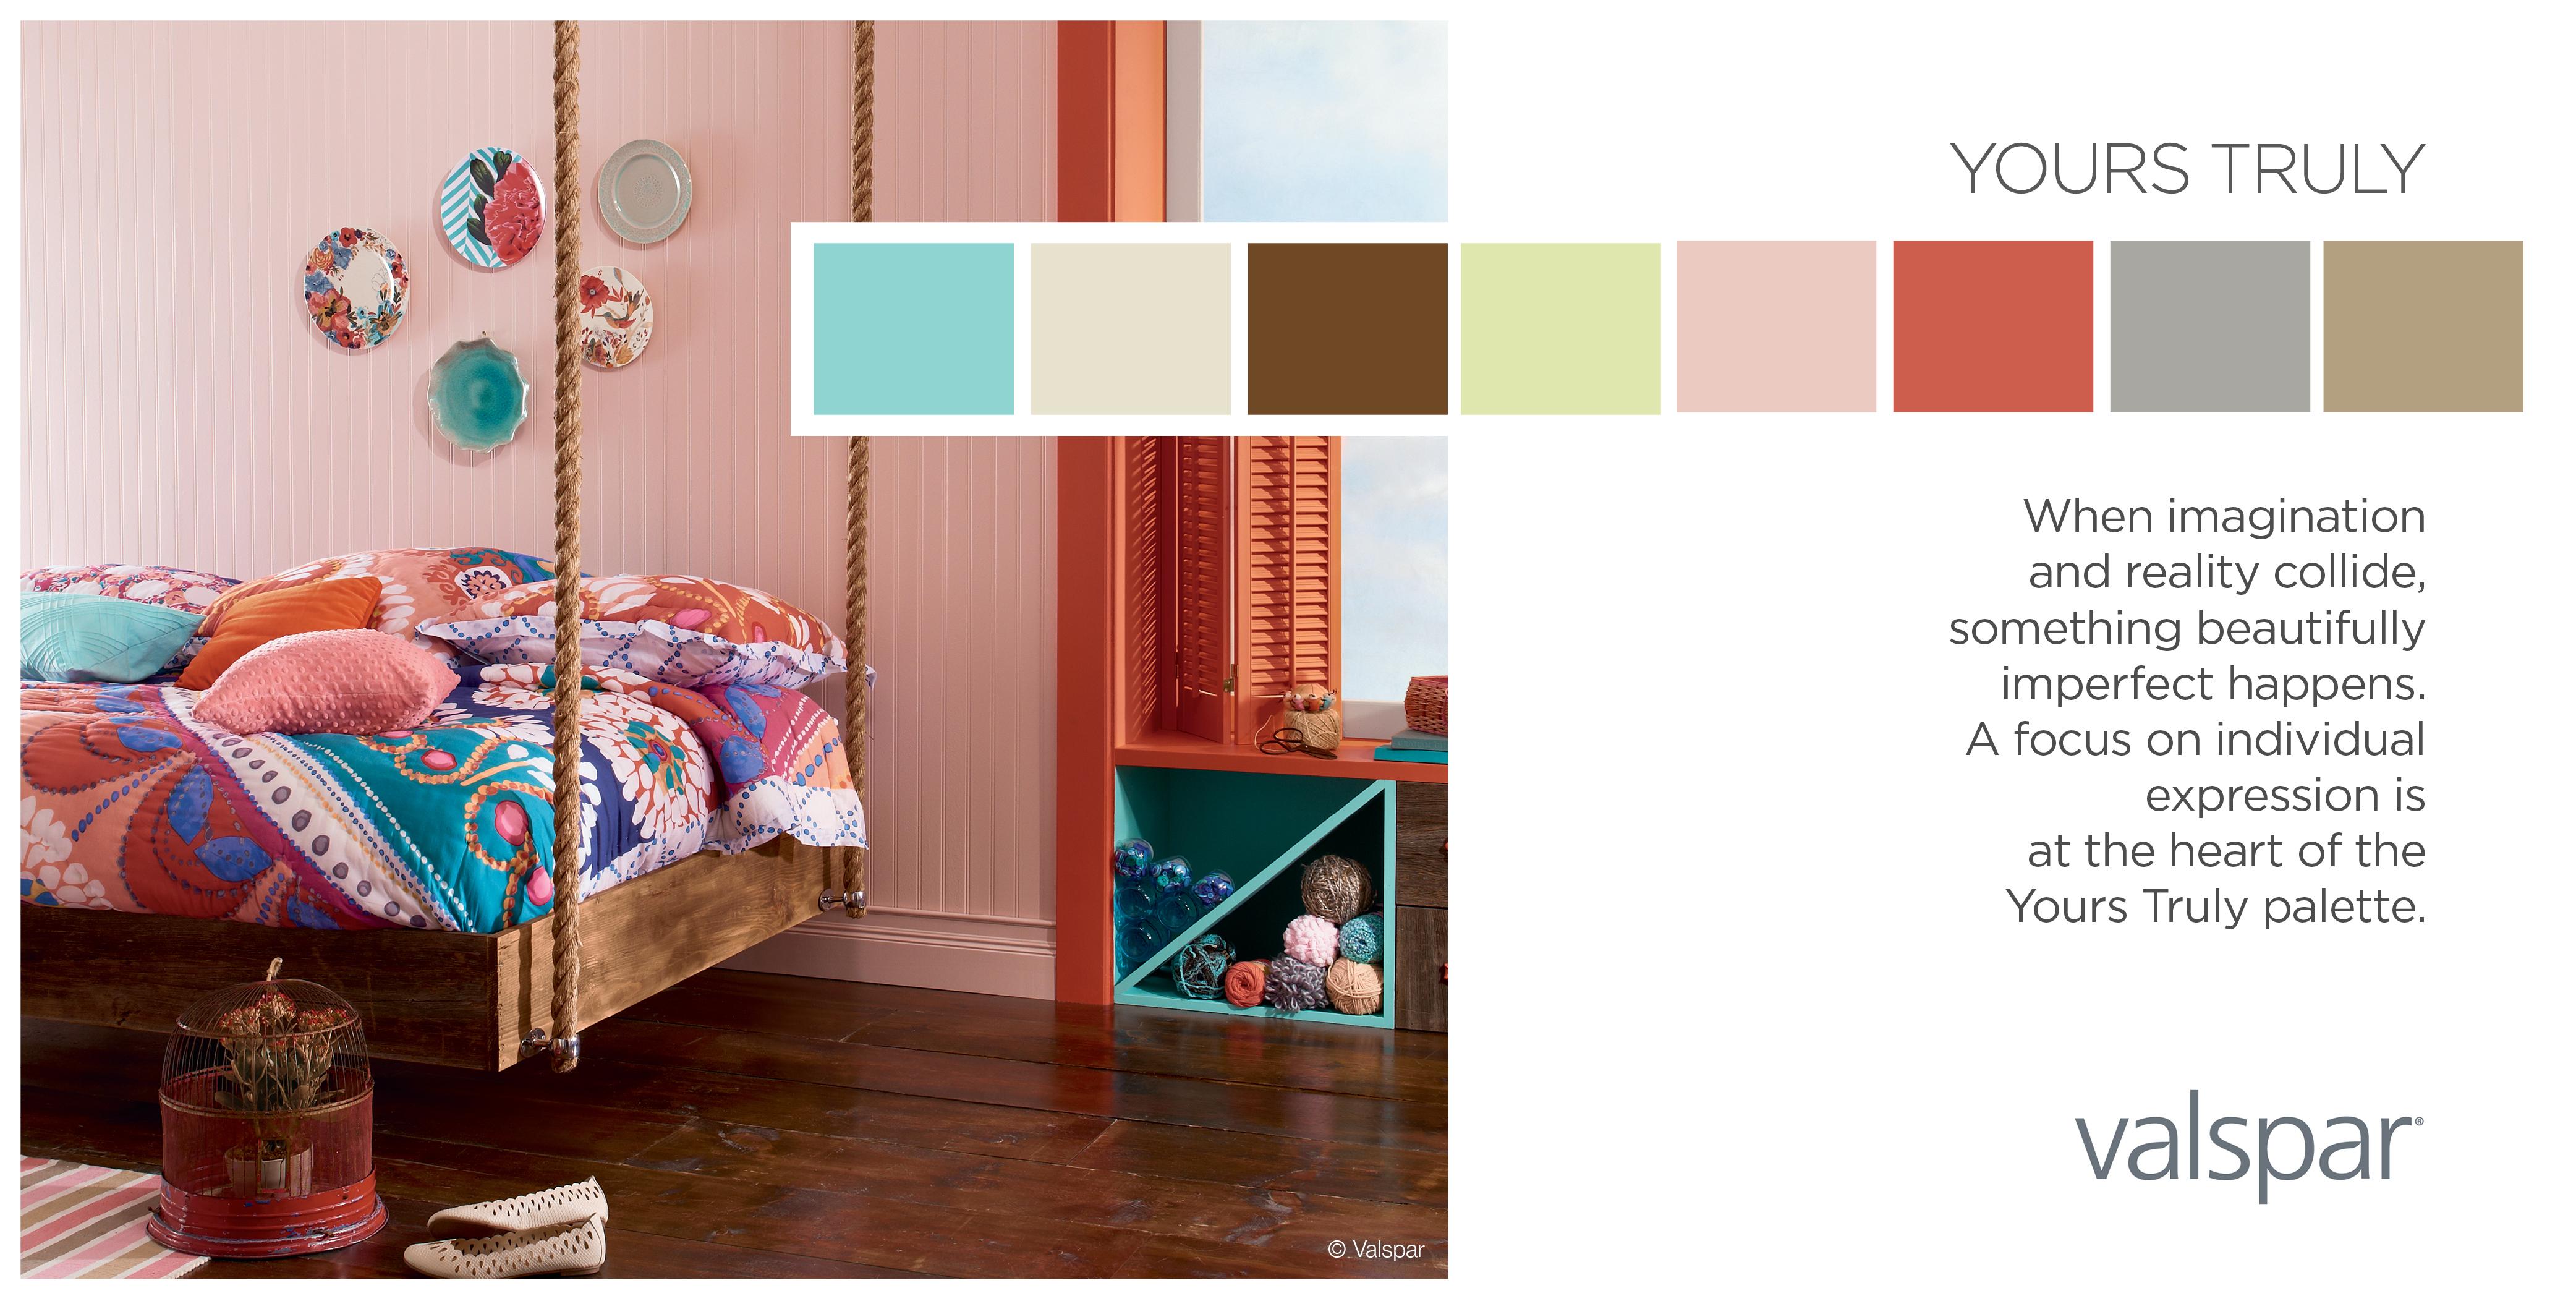 Valspar Paint Unveils 2014 Color Outlook | Business Wire